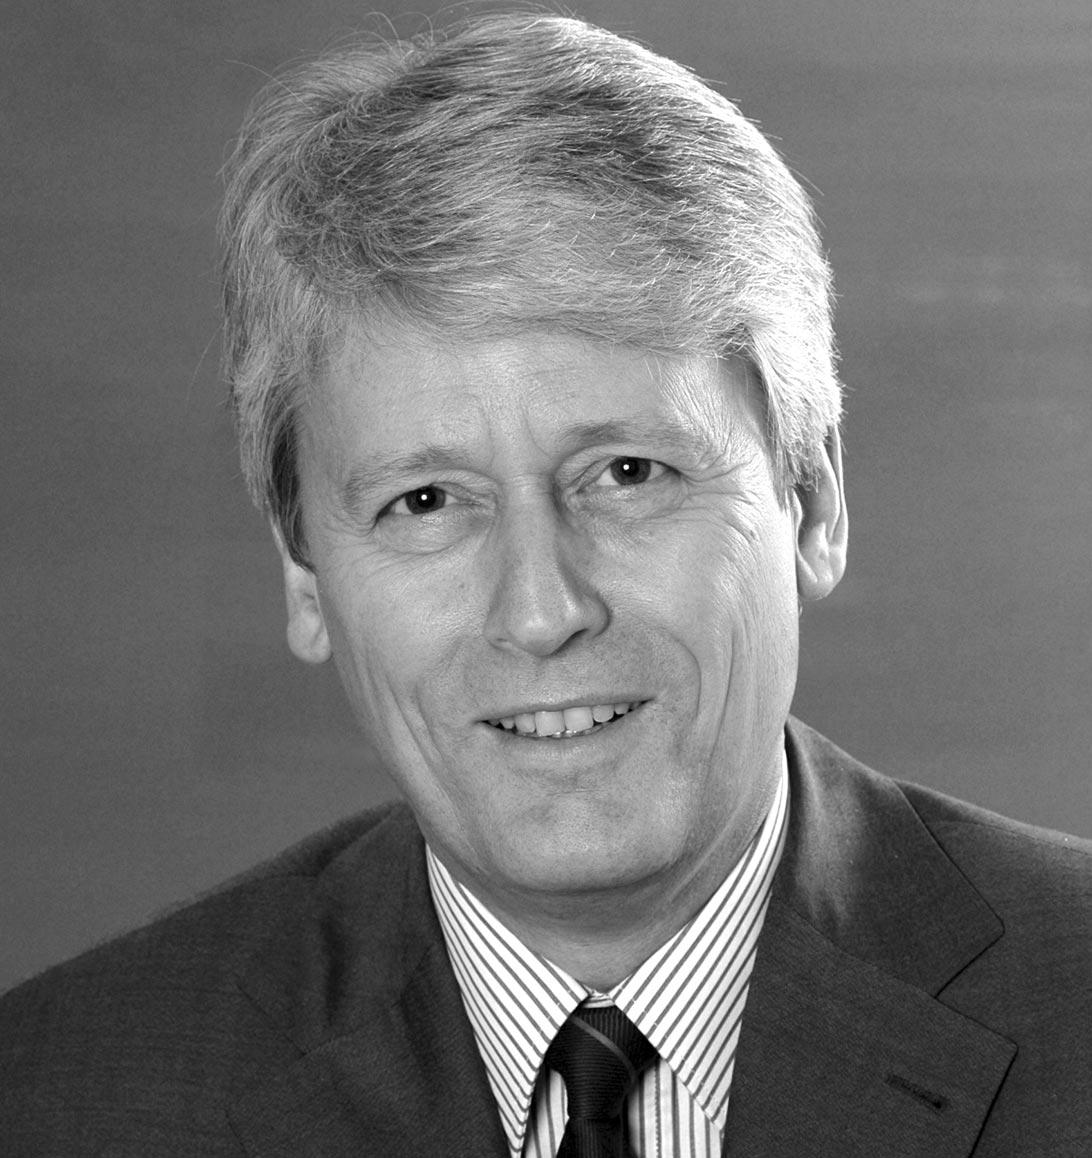 Hans Martin Mader